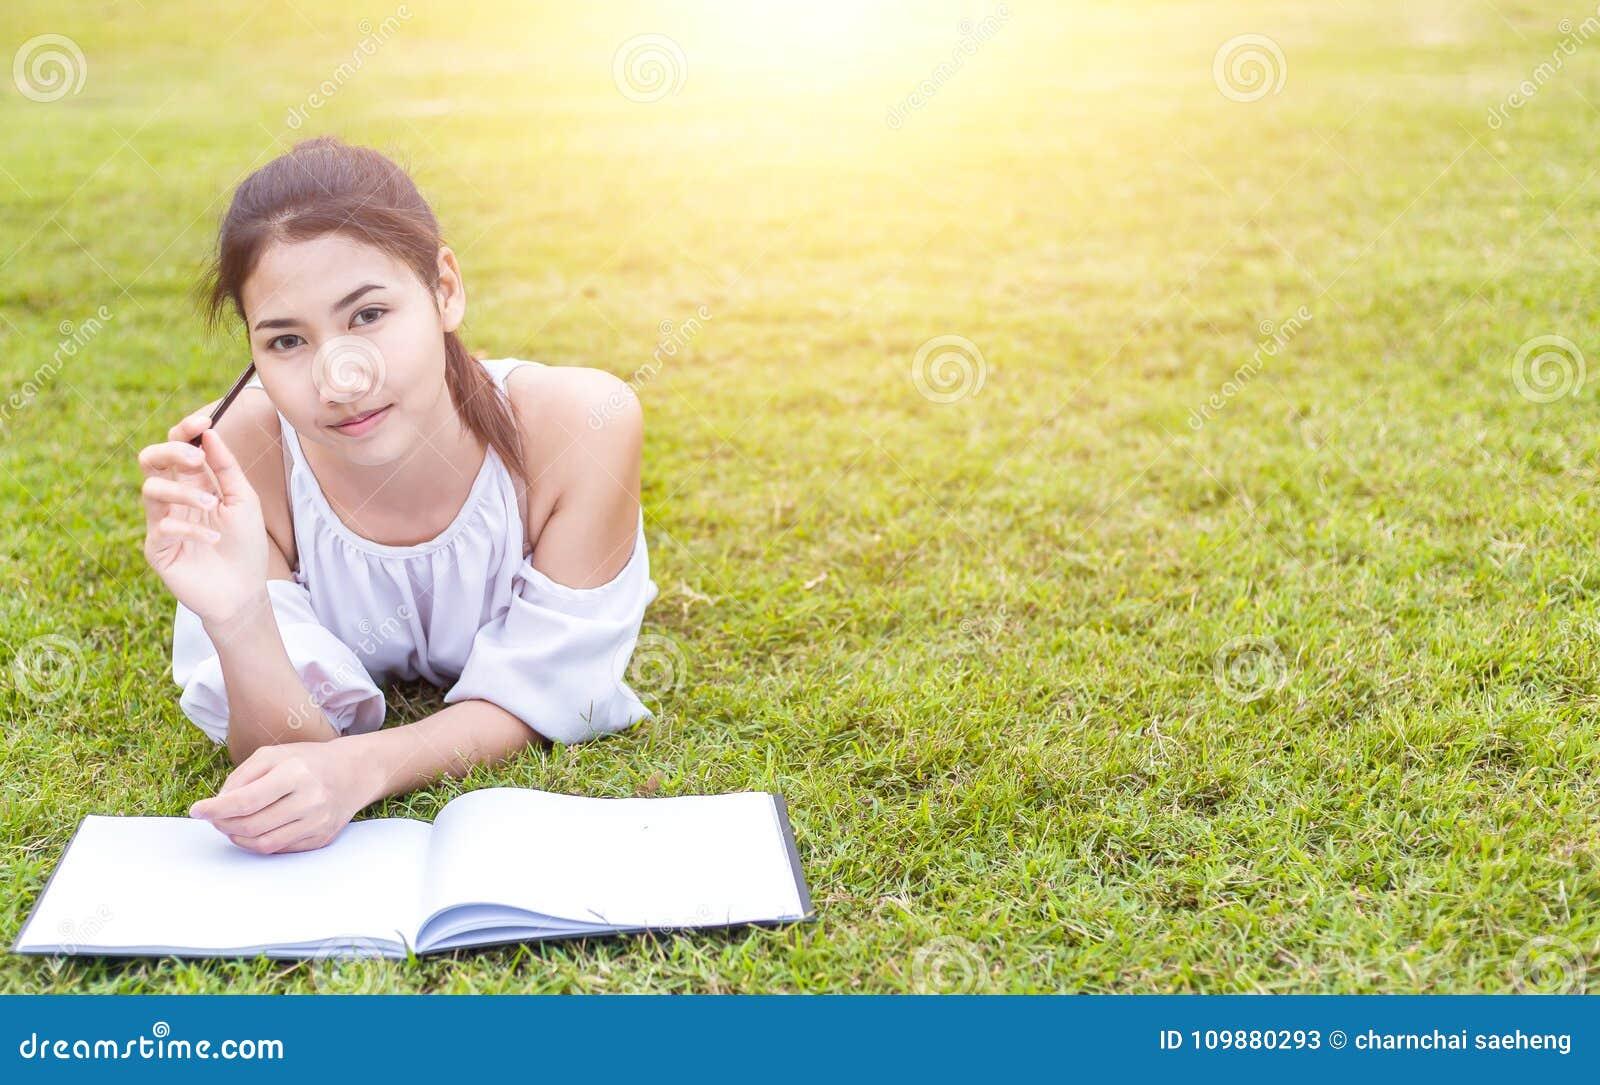 Die Frauen ist auf dem Gras und schön Sie denkt, dass… Sie Job finden sollen, was! das Buch ist auf dem Gras sie trägt weißes Kle